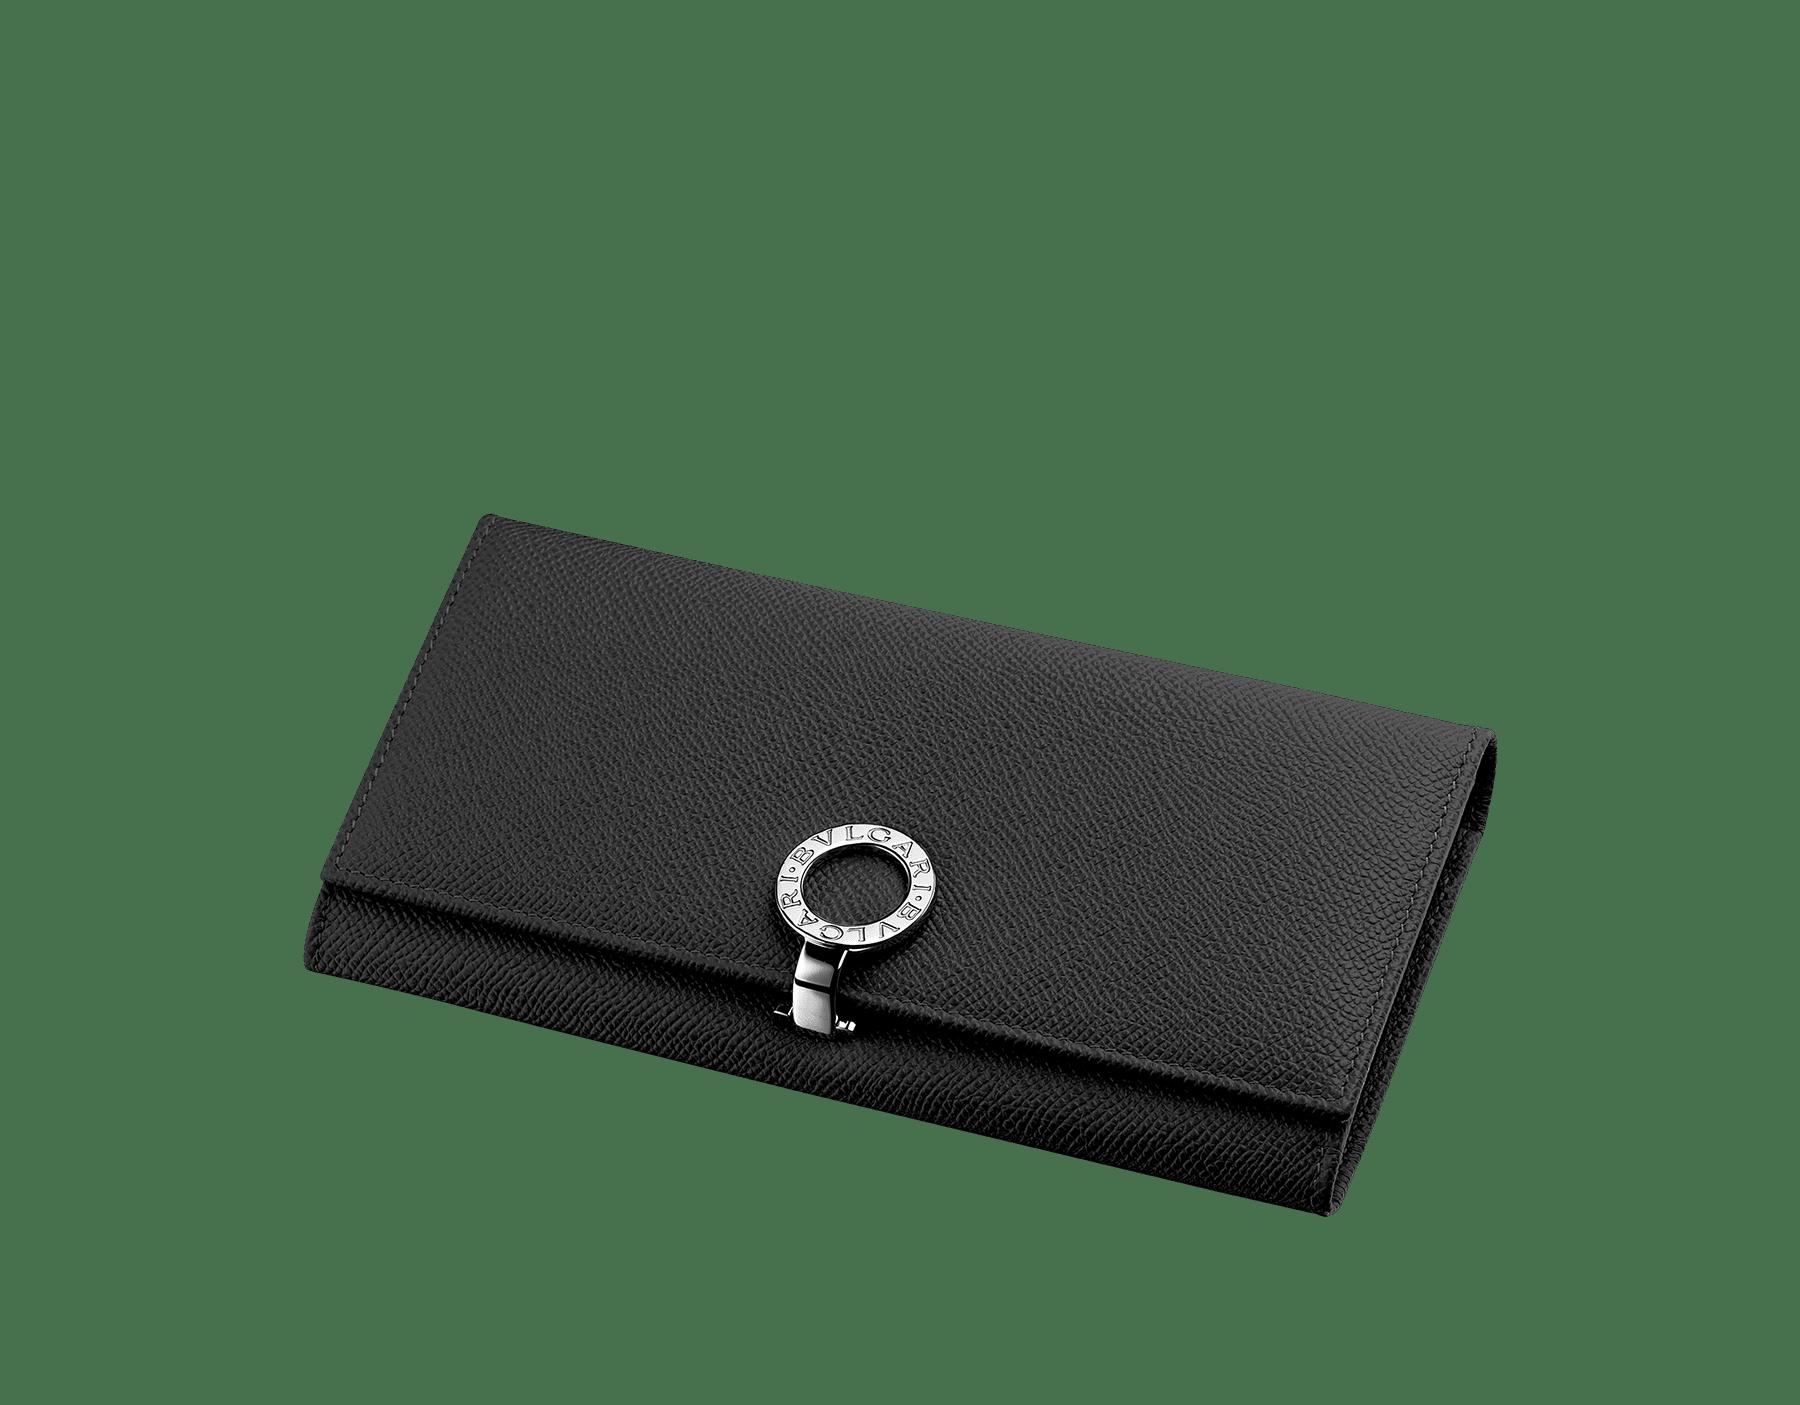 ブラックのグレインレザー製ウォレットポシェット。パラジウムプレート金具付き。フラップカバー、クレジットカードスロット9枚分、紙幣入れ×2、中央にファスナー付き小銭入れ×1。小銭入れの内側は、ブルーの生地。カラーバリエーションあり。19 x 9 cm 35939 image 1